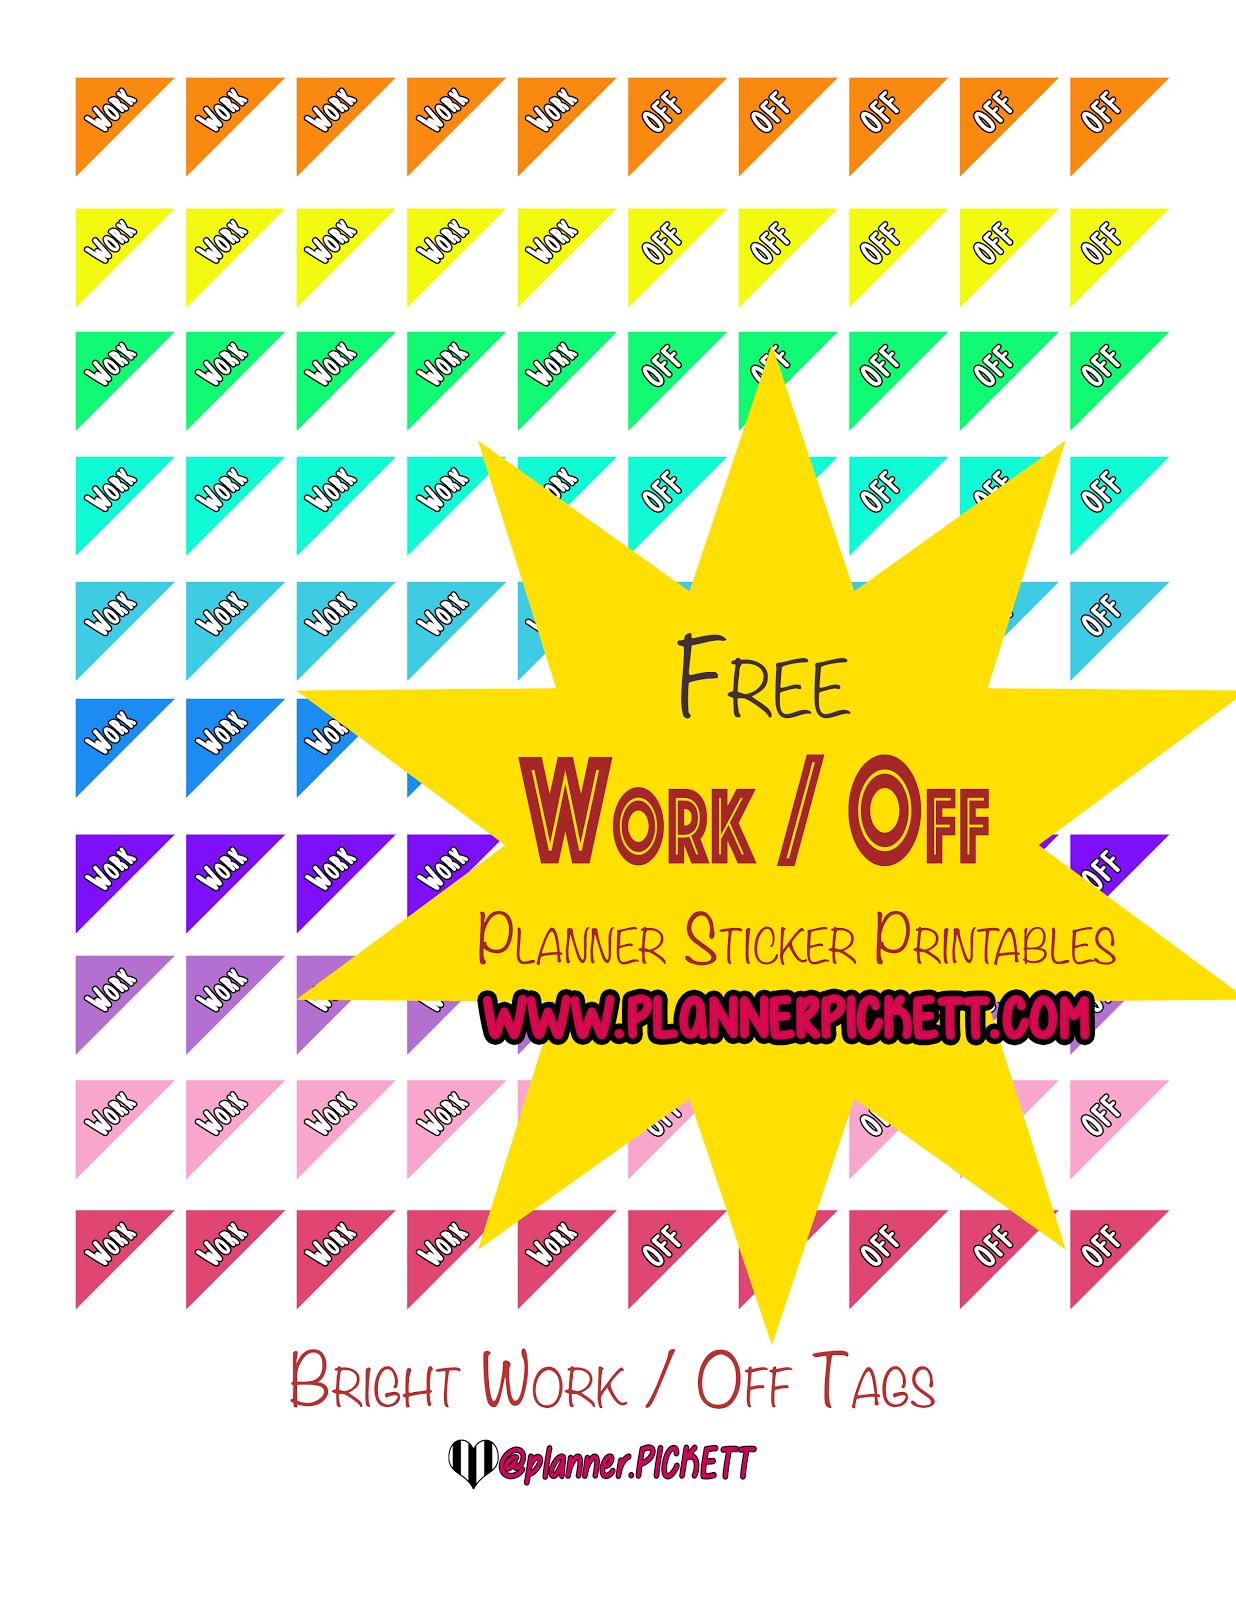 PlannerPickett Free Work Schedule Tags Planner Sticker Printable